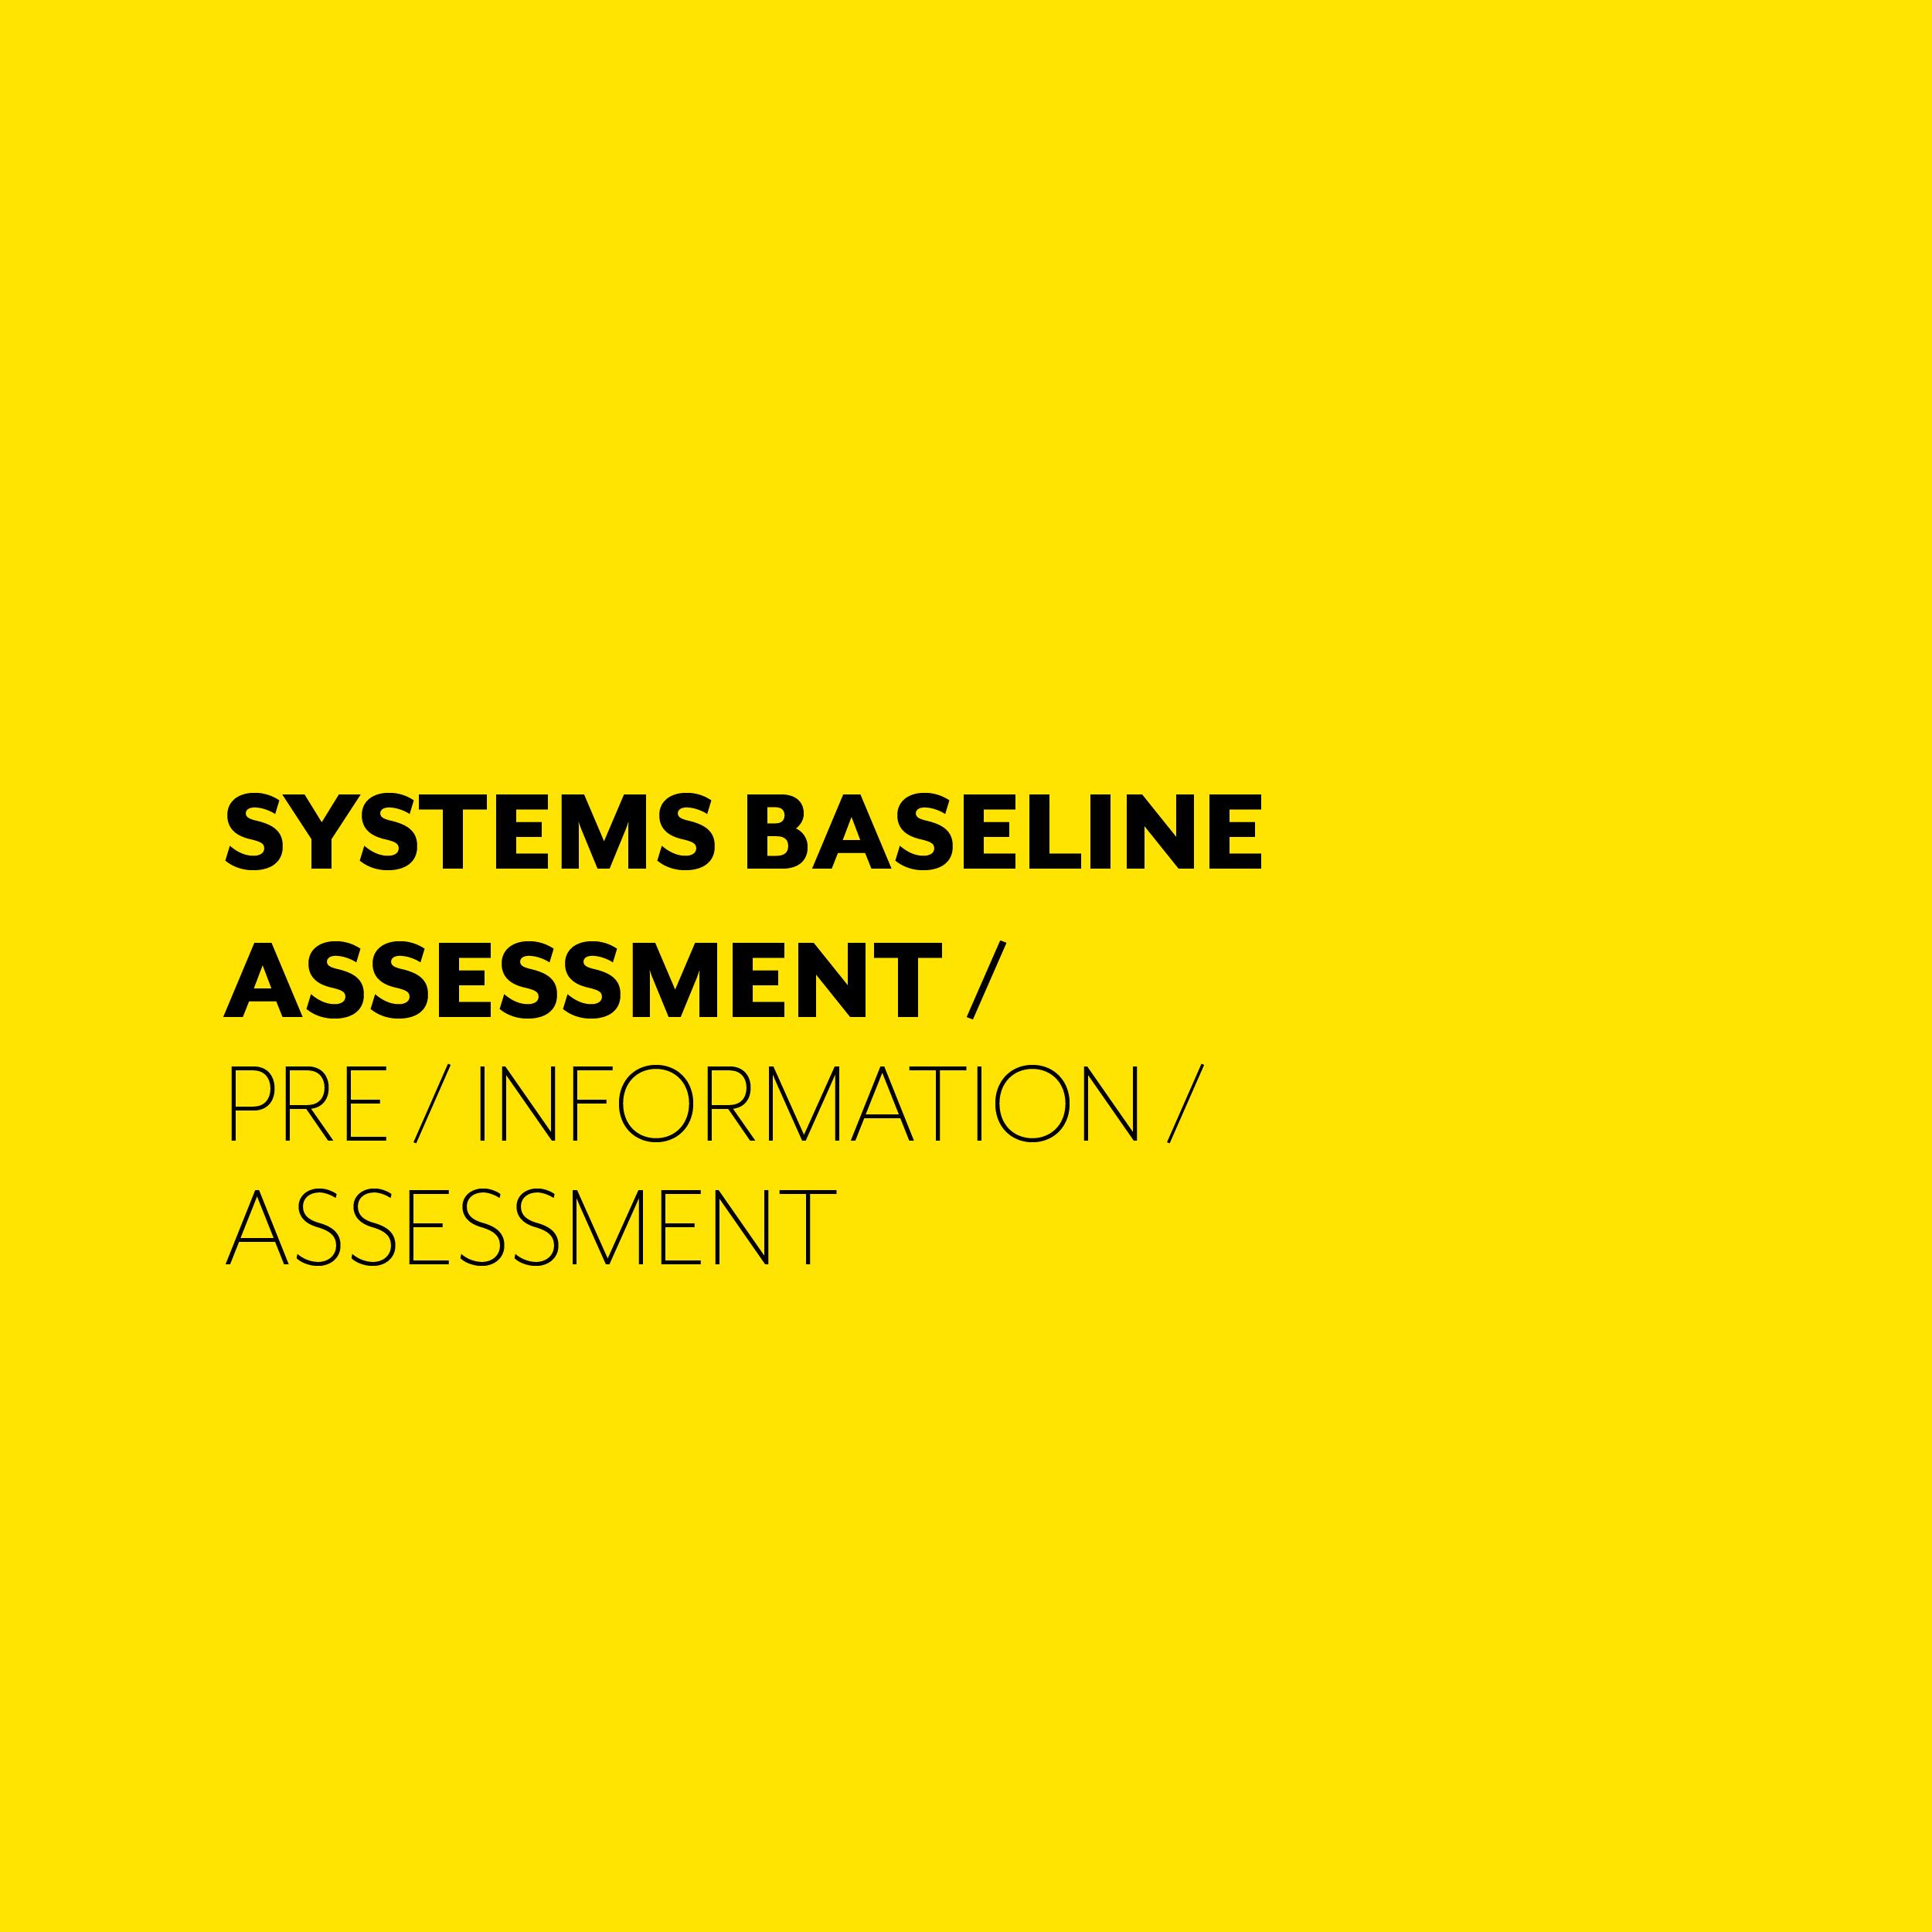 SYSTEMS BASELINE ASSESSMENT.jpg